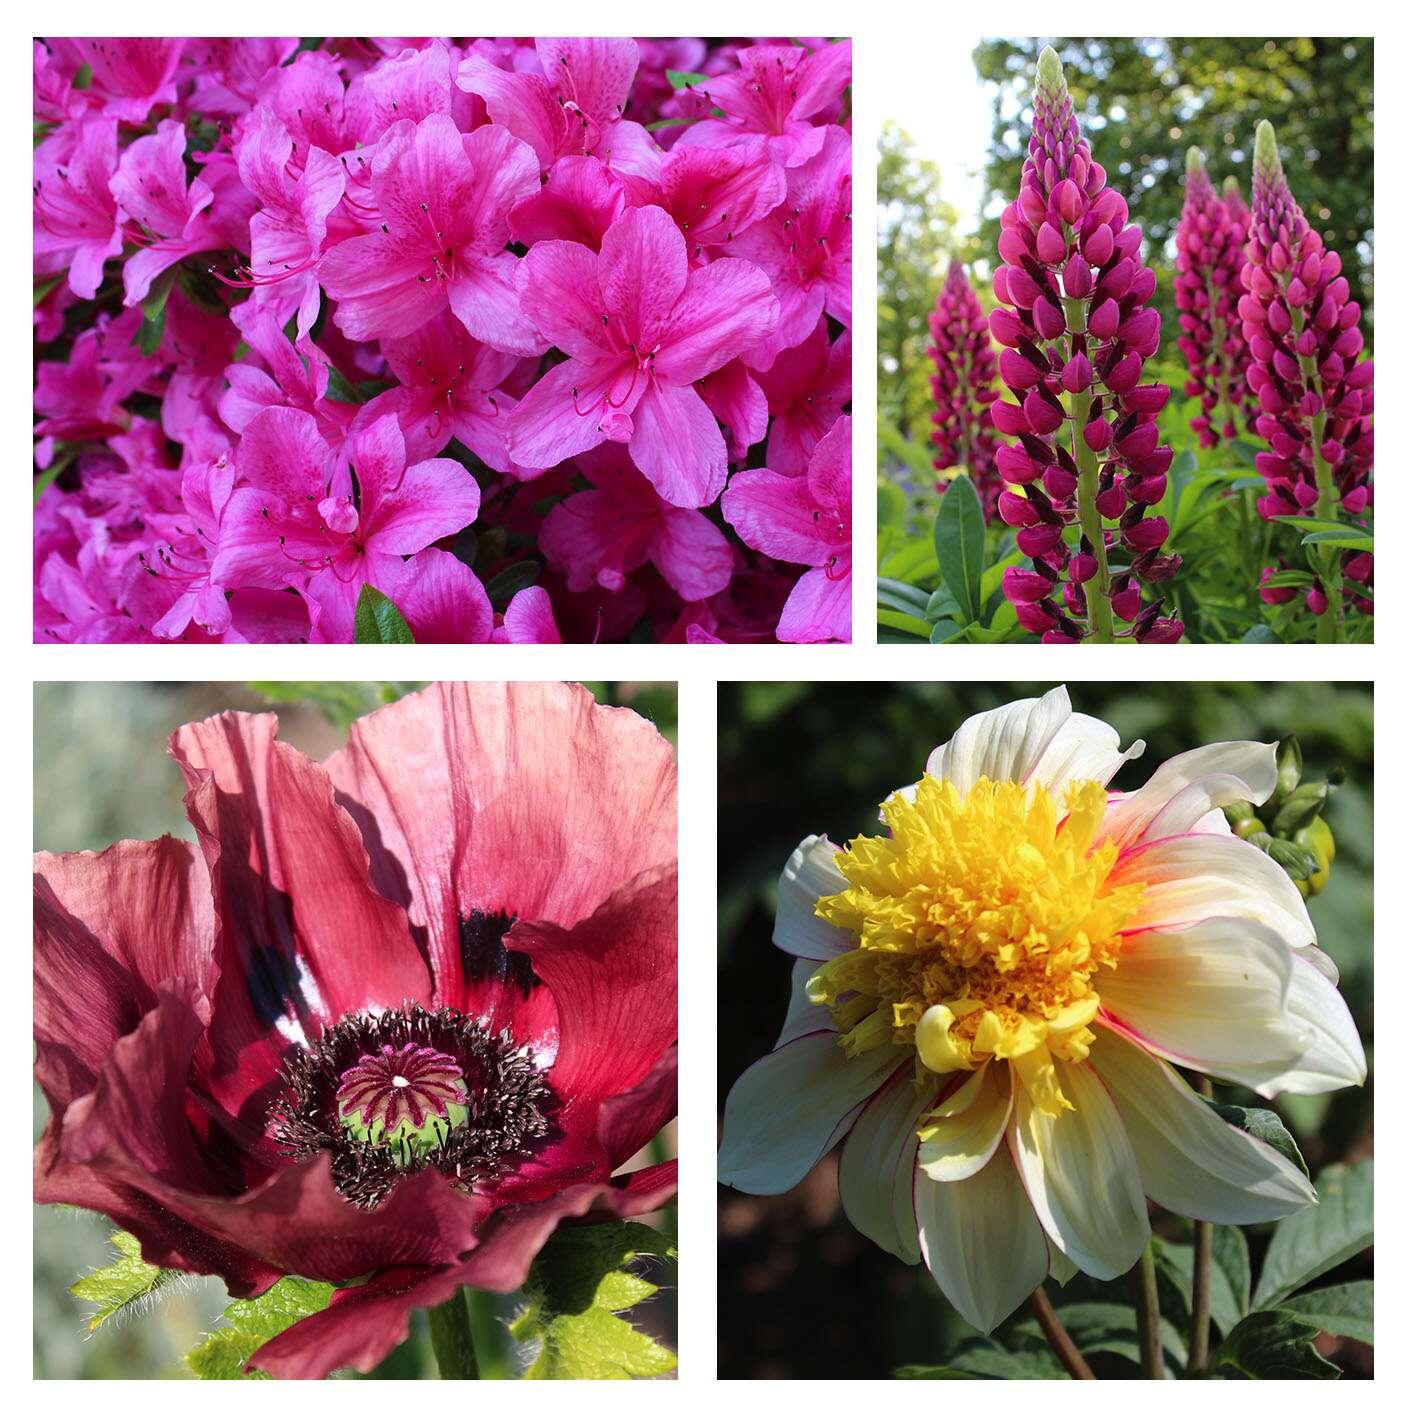 Jardins de Blarney